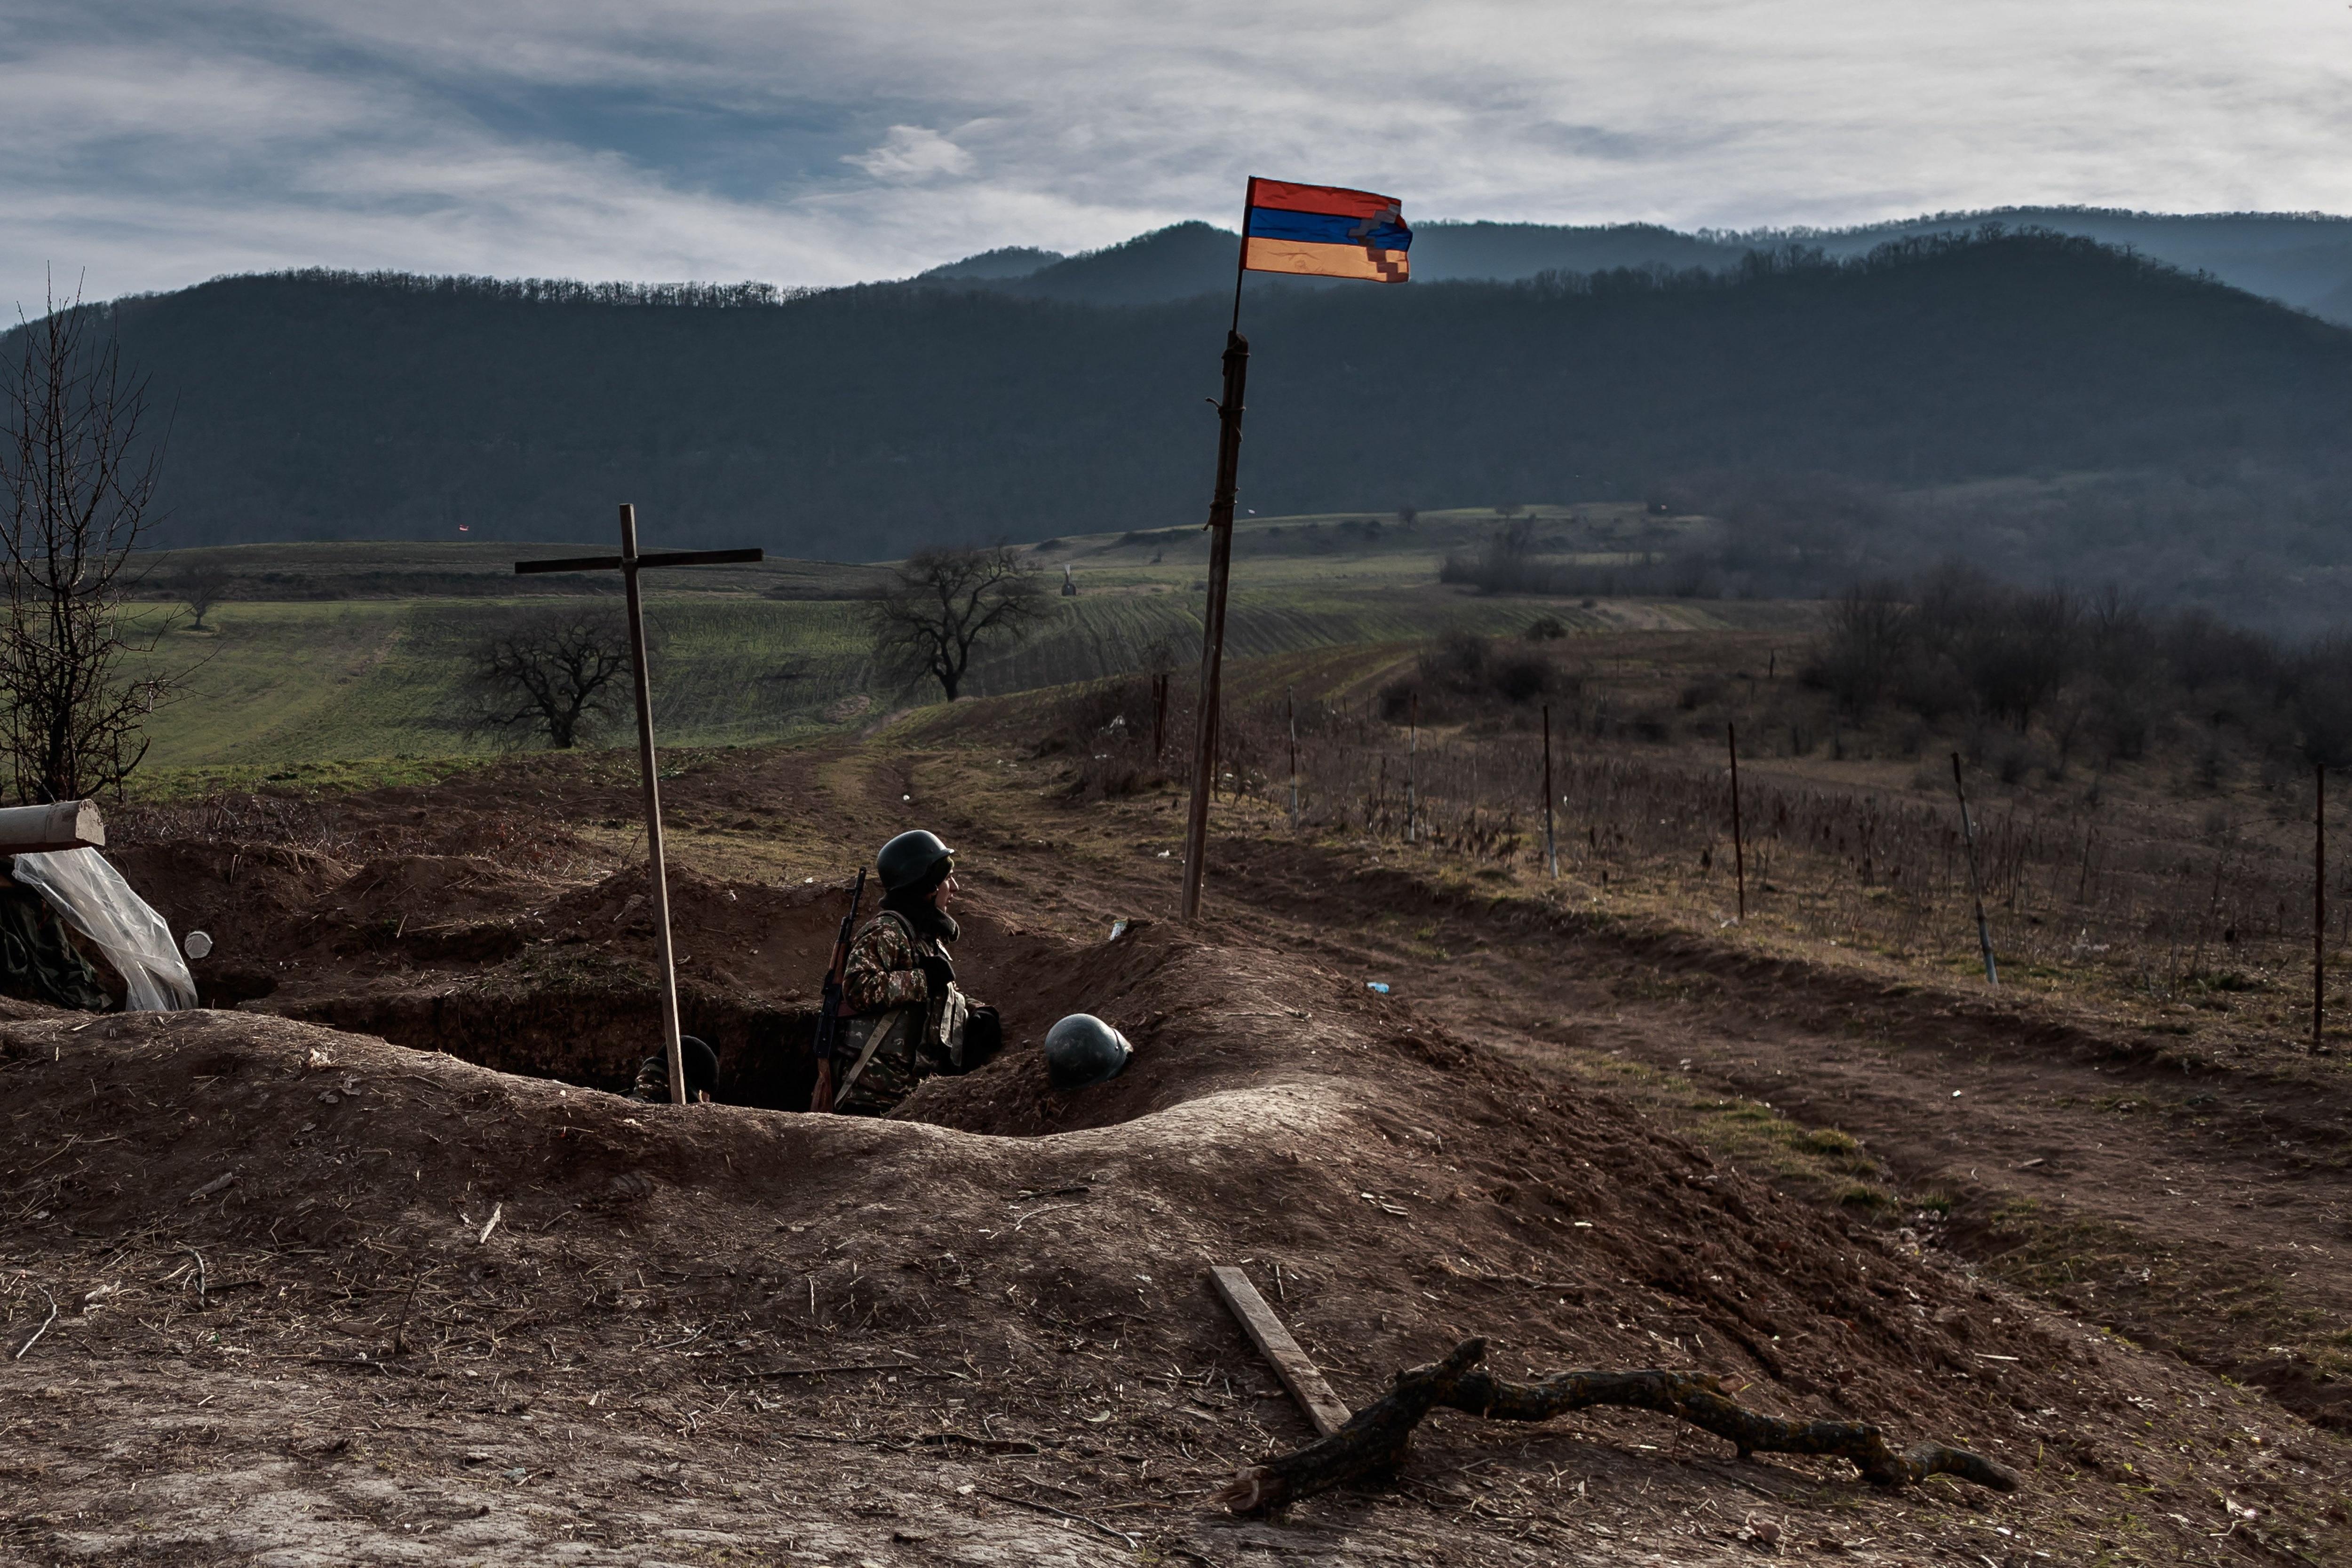 Estos dos países del Cáucaso libraron una breve guerra, en la que murieron 6.000 personas, a finales de 2020 (Foto: EFE)